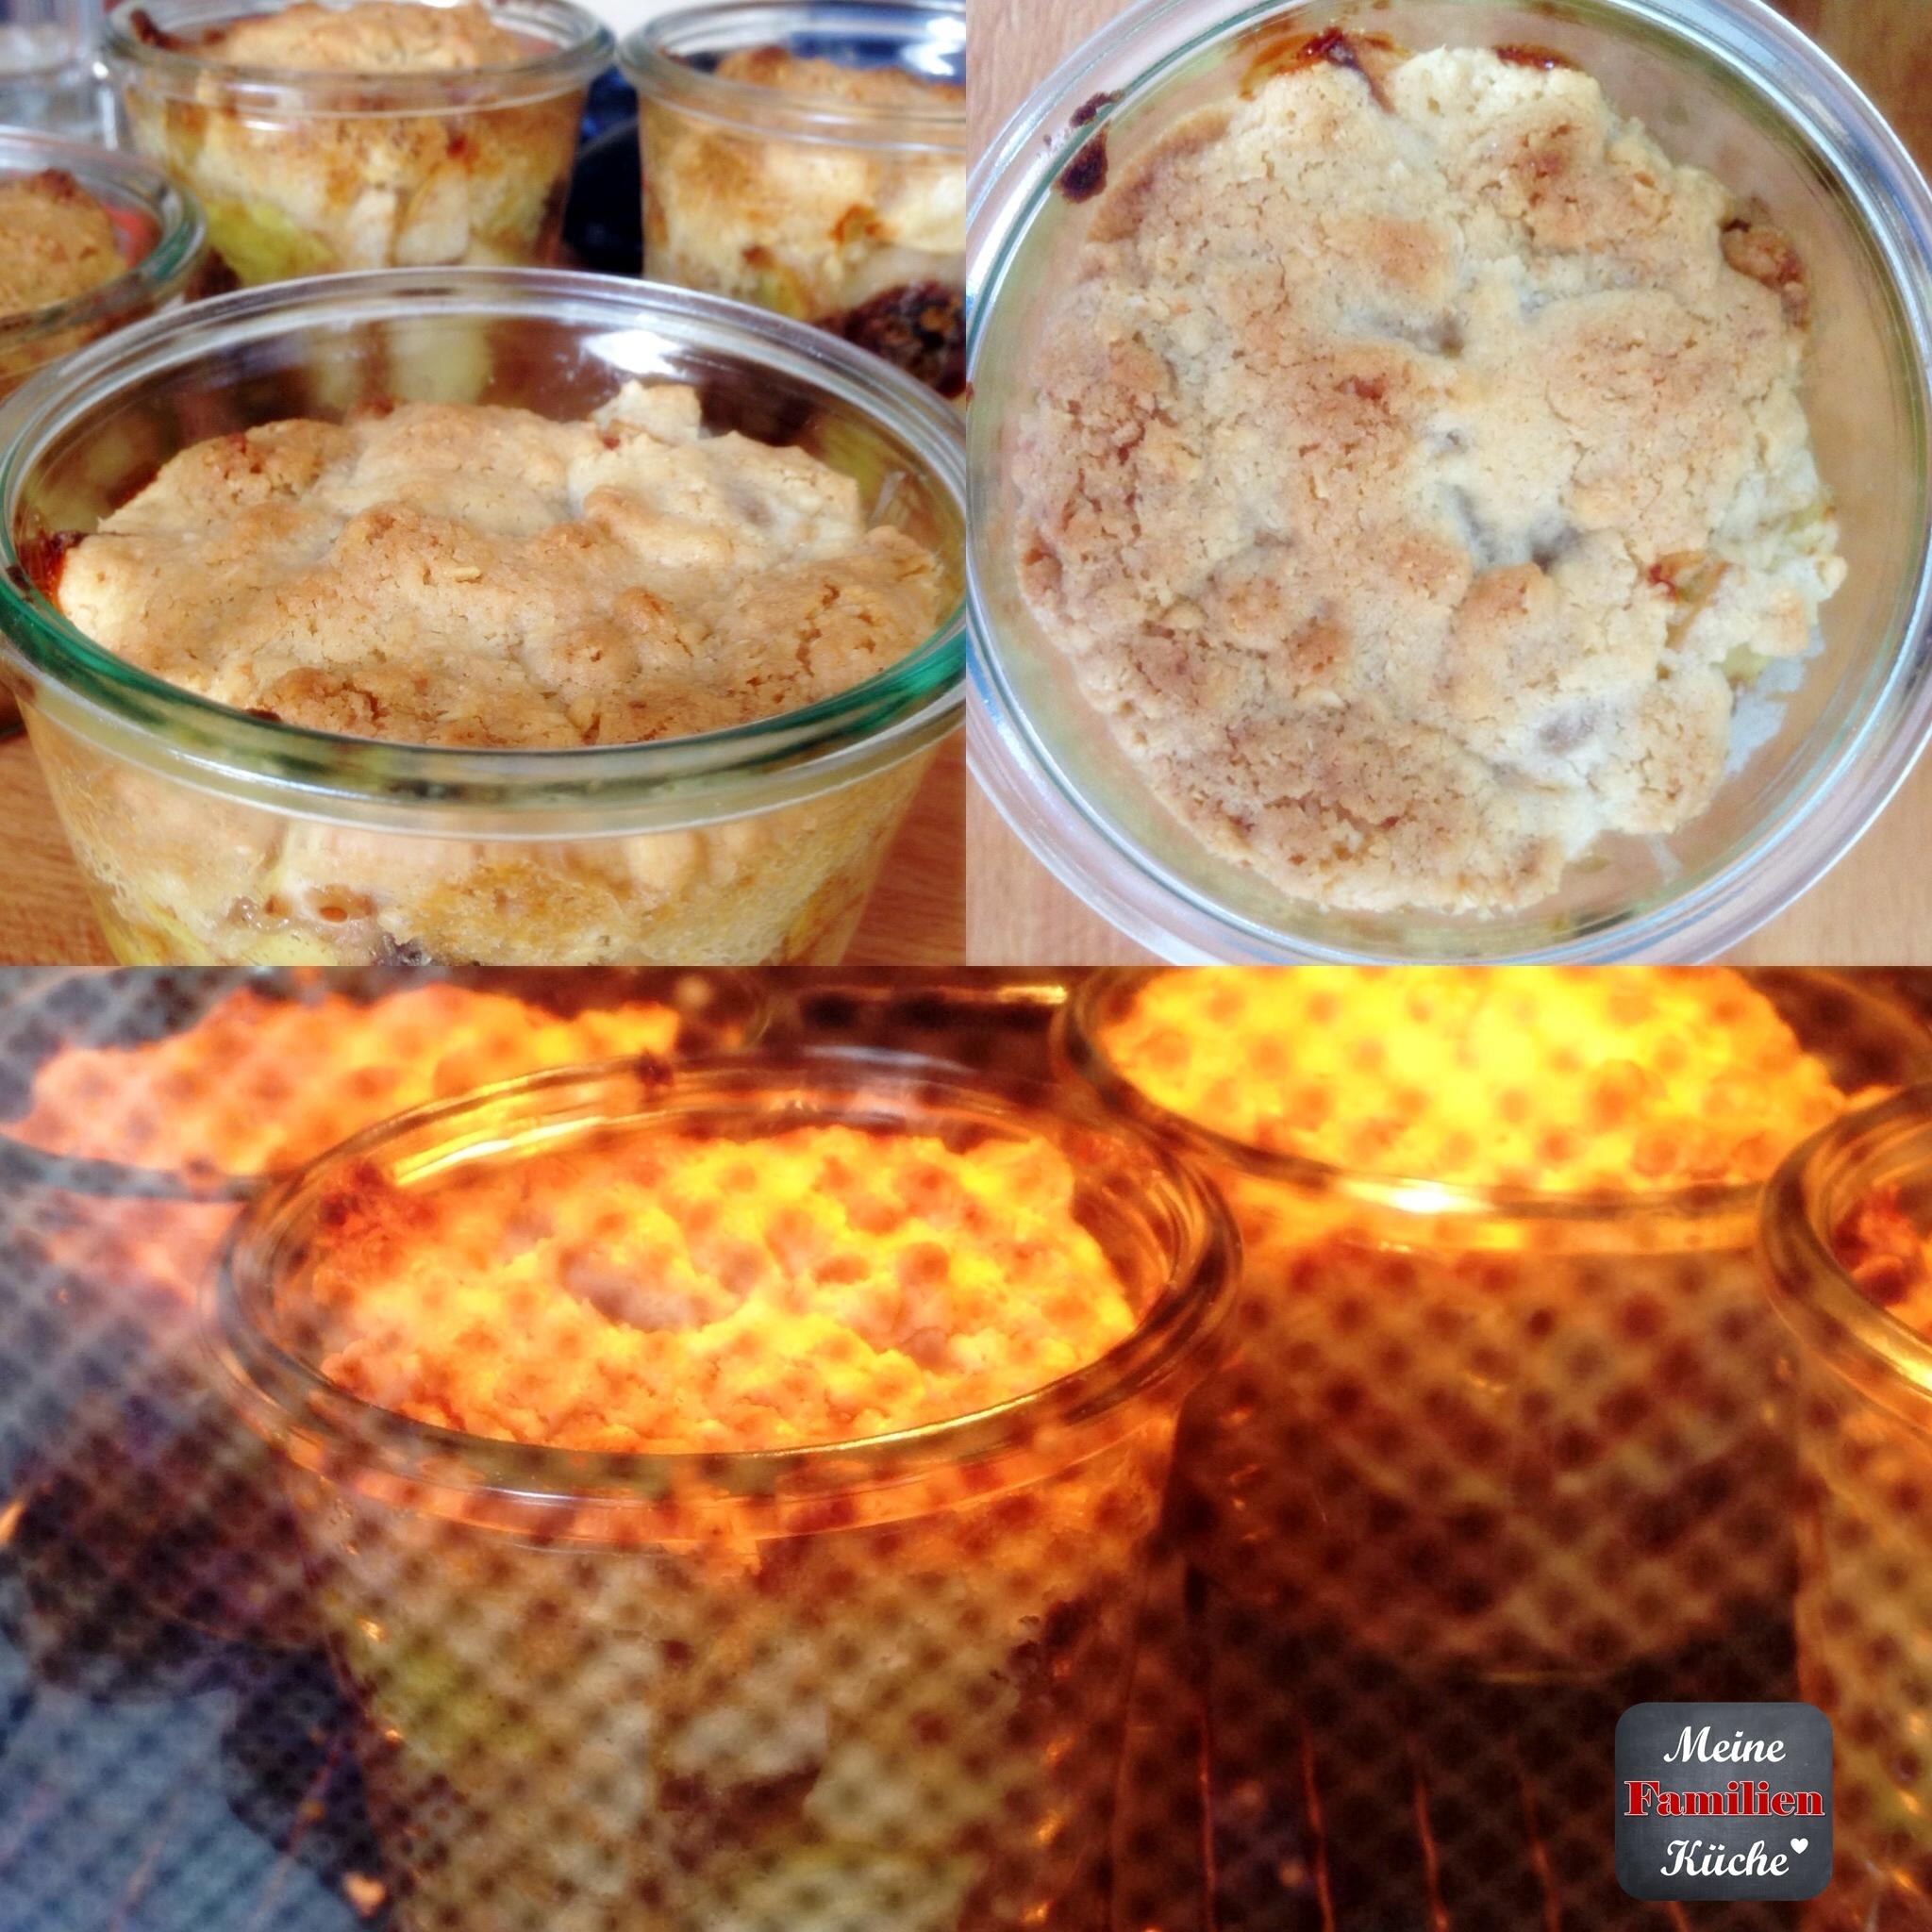 Kuchen im Glas mit Apfel-Rosinen-Füllung